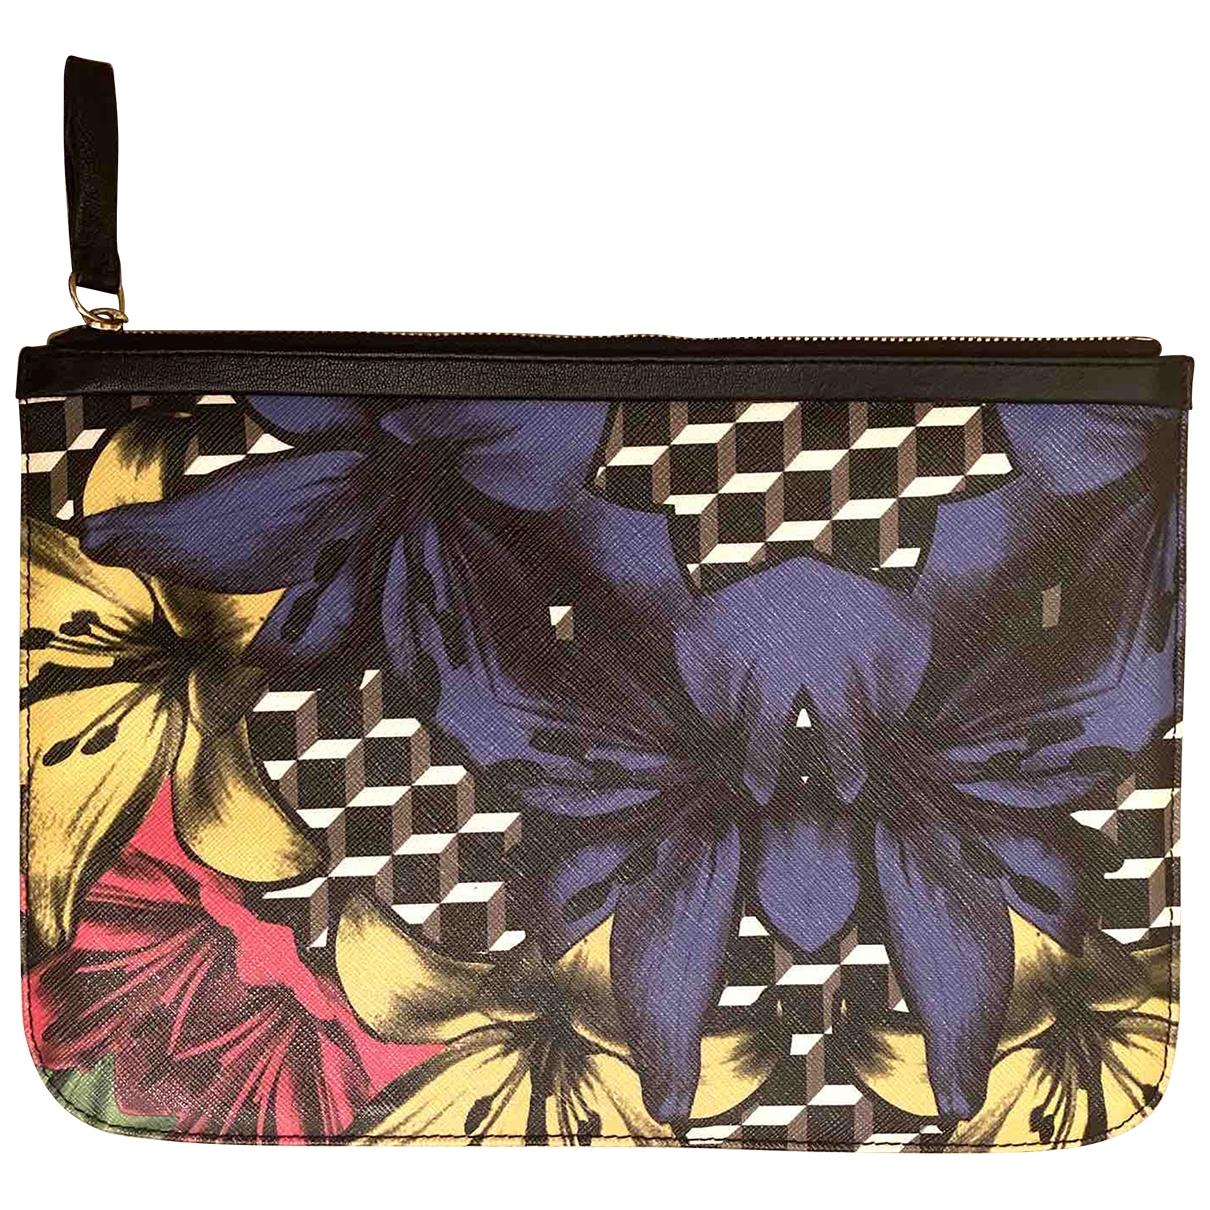 Bolsos clutch en Sintetico Multicolor Pierre Hardy